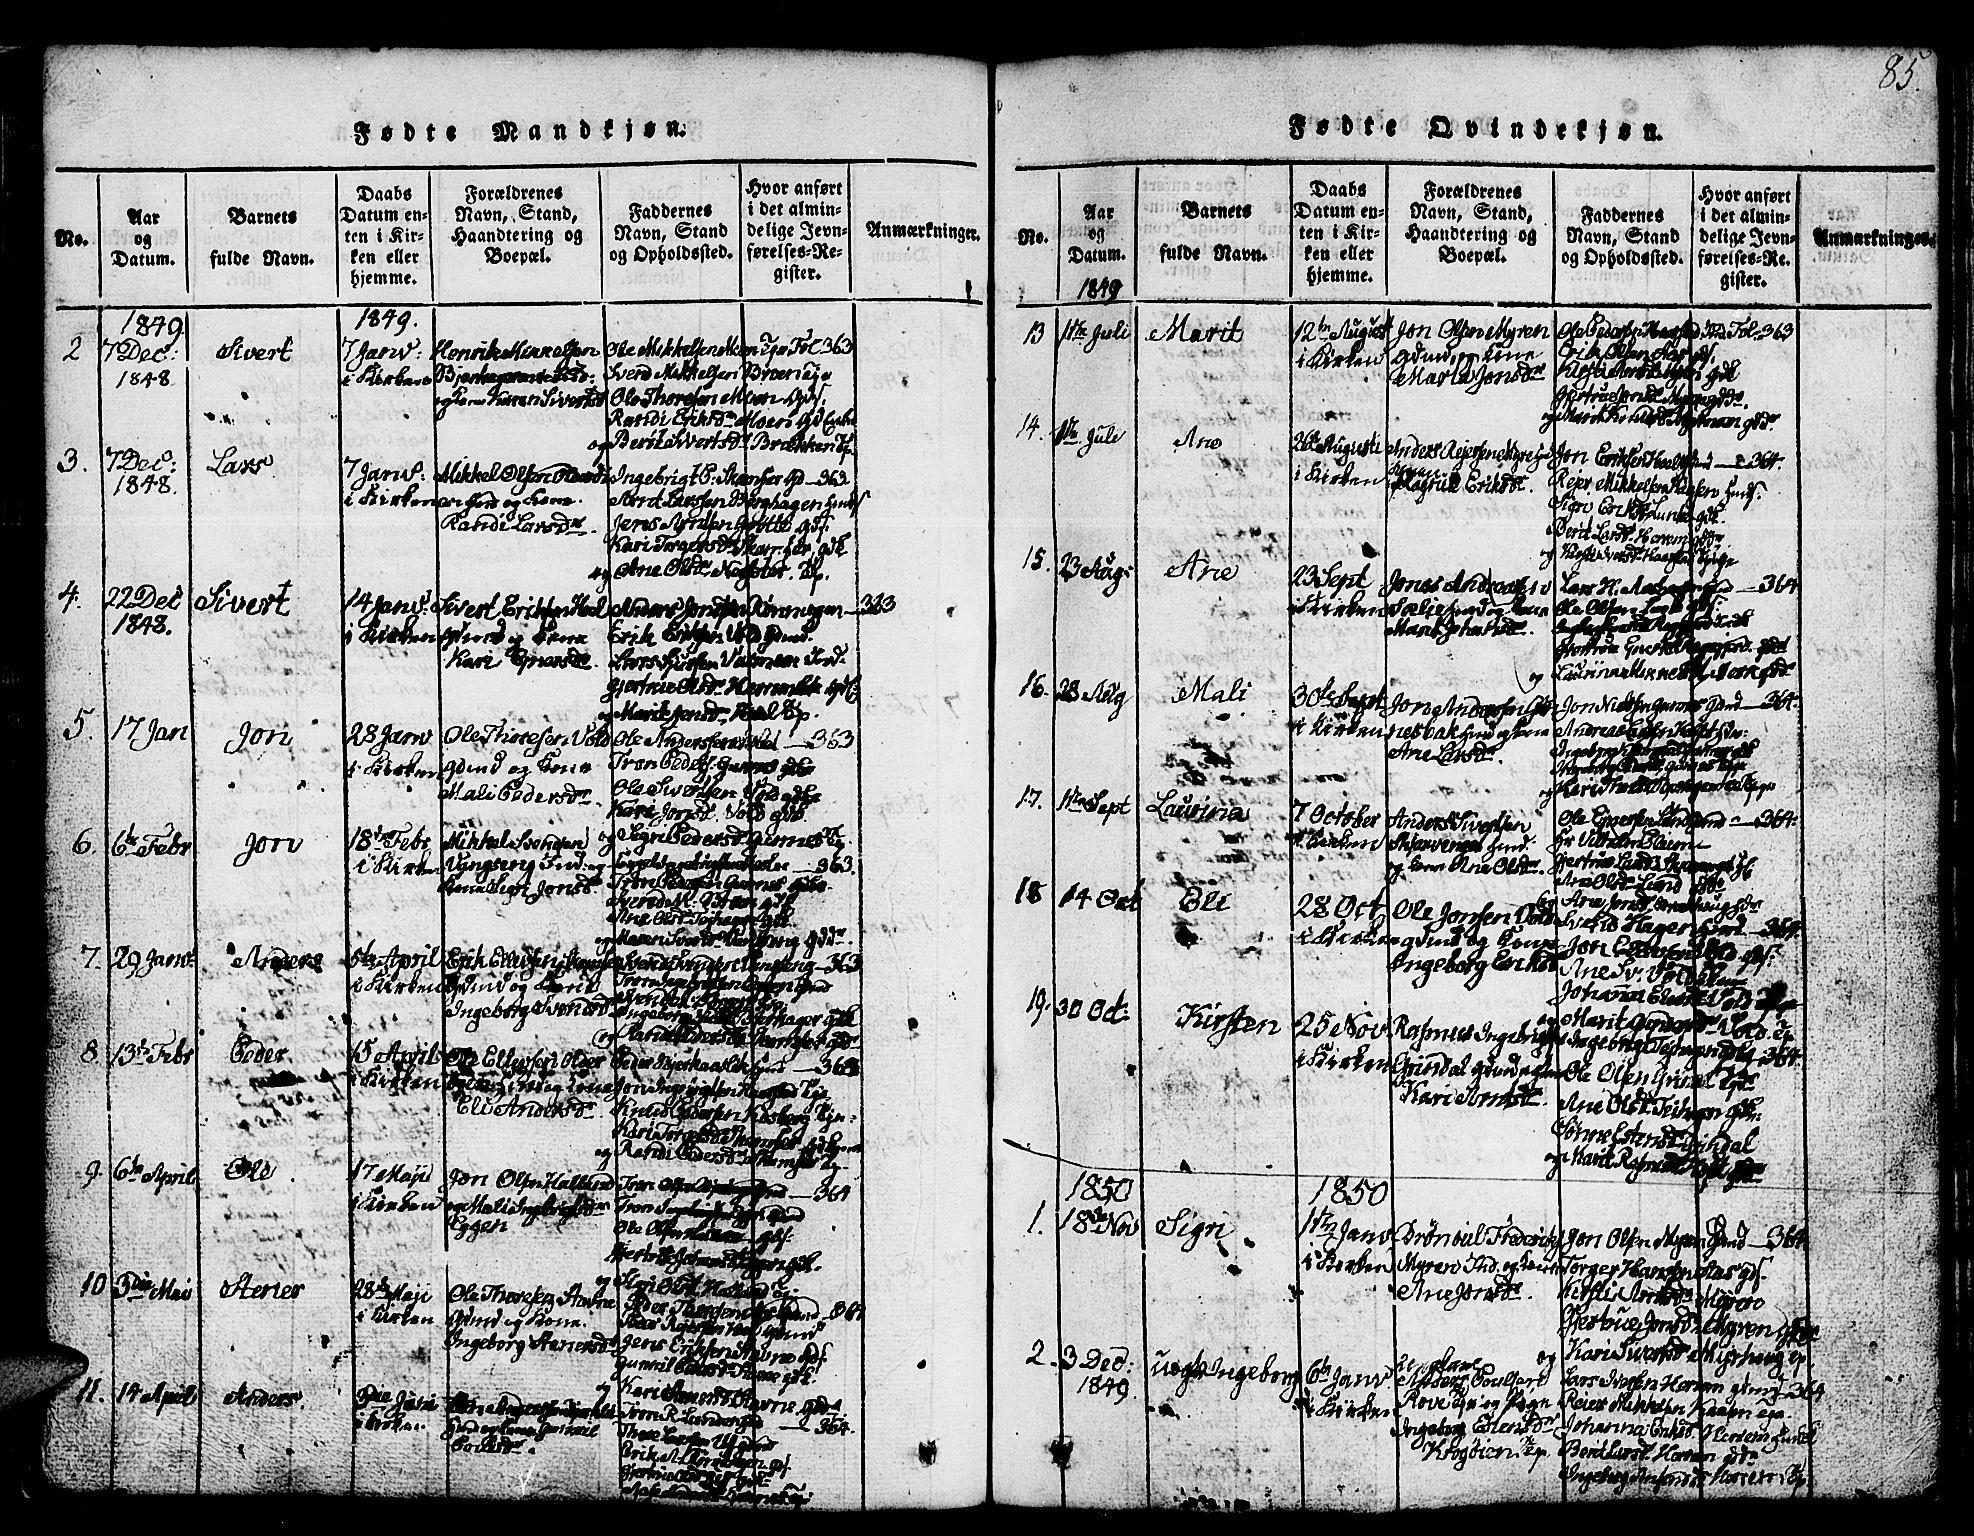 SAT, Ministerialprotokoller, klokkerbøker og fødselsregistre - Sør-Trøndelag, 674/L0874: Klokkerbok nr. 674C01, 1816-1860, s. 85